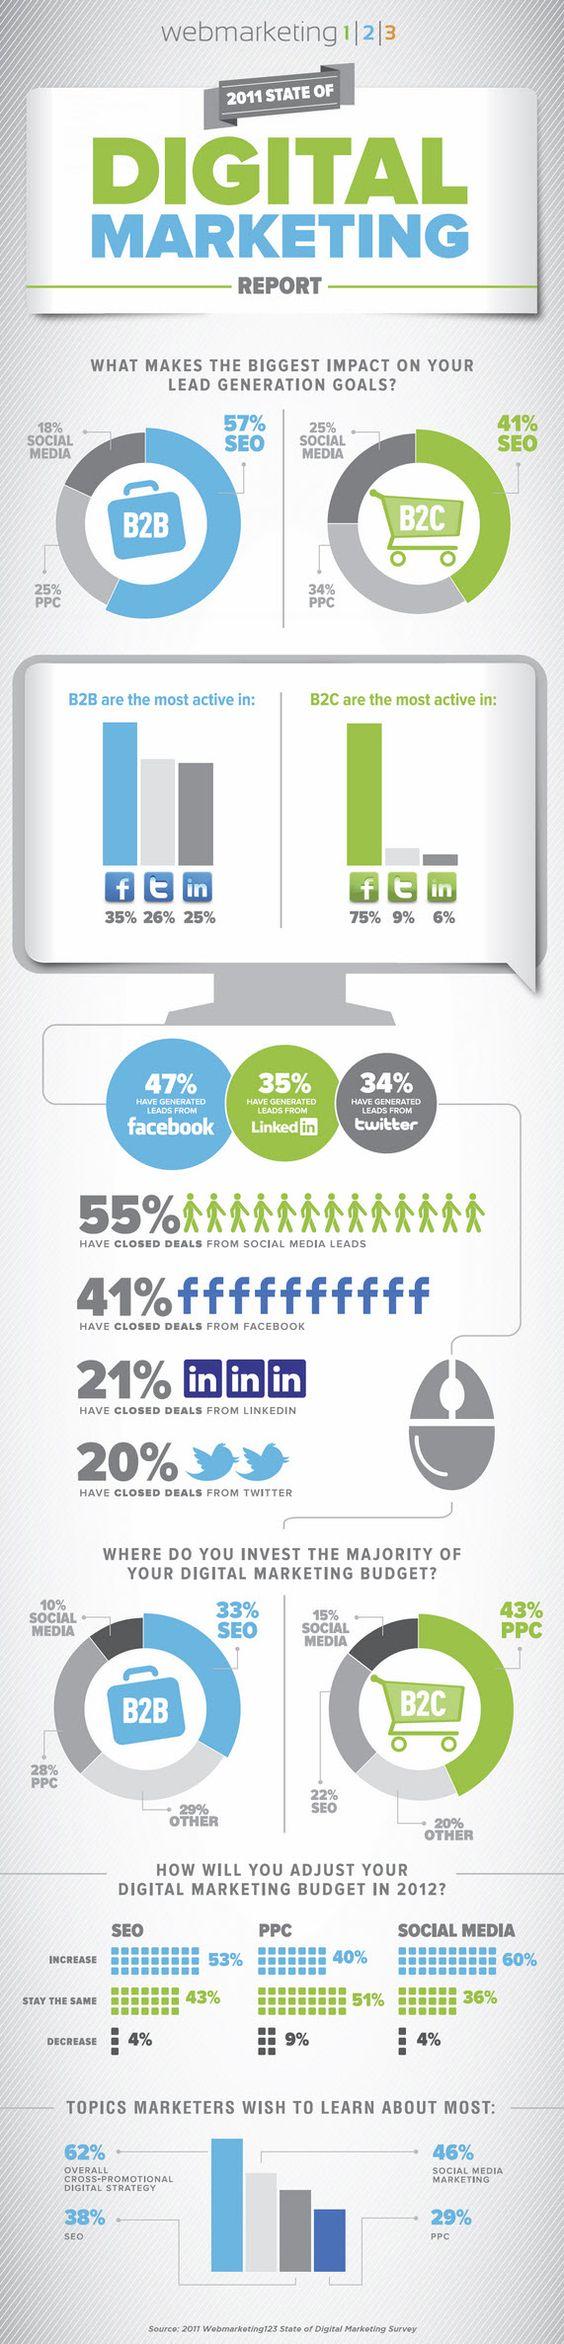 Relatório de Marketing Digital - 2011 (Redes Sociais, Mídias Sociais, Facebook, Twitter, Linkedin, SEO, SMM, PPC, B2B, B2C)